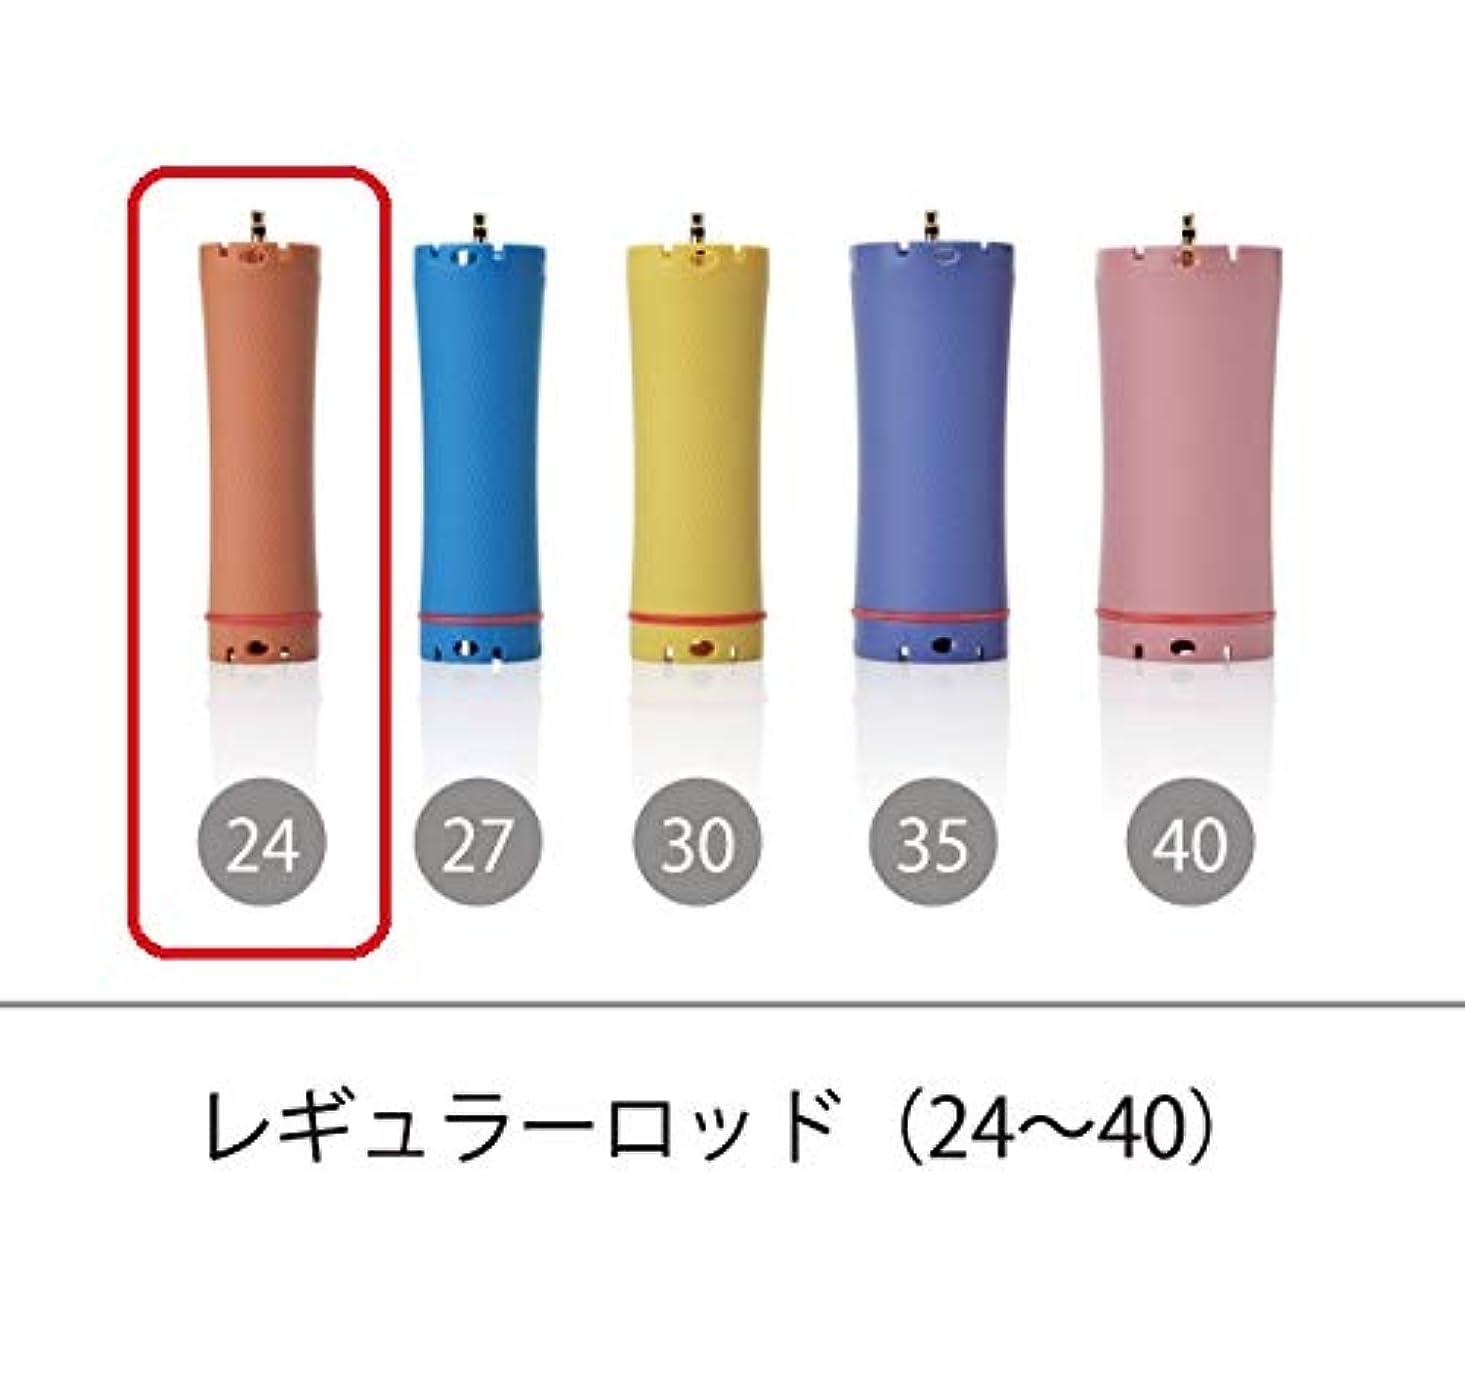 請求書扱う定刻ソキウス 専用ロッド レギュラーロッド 24mm